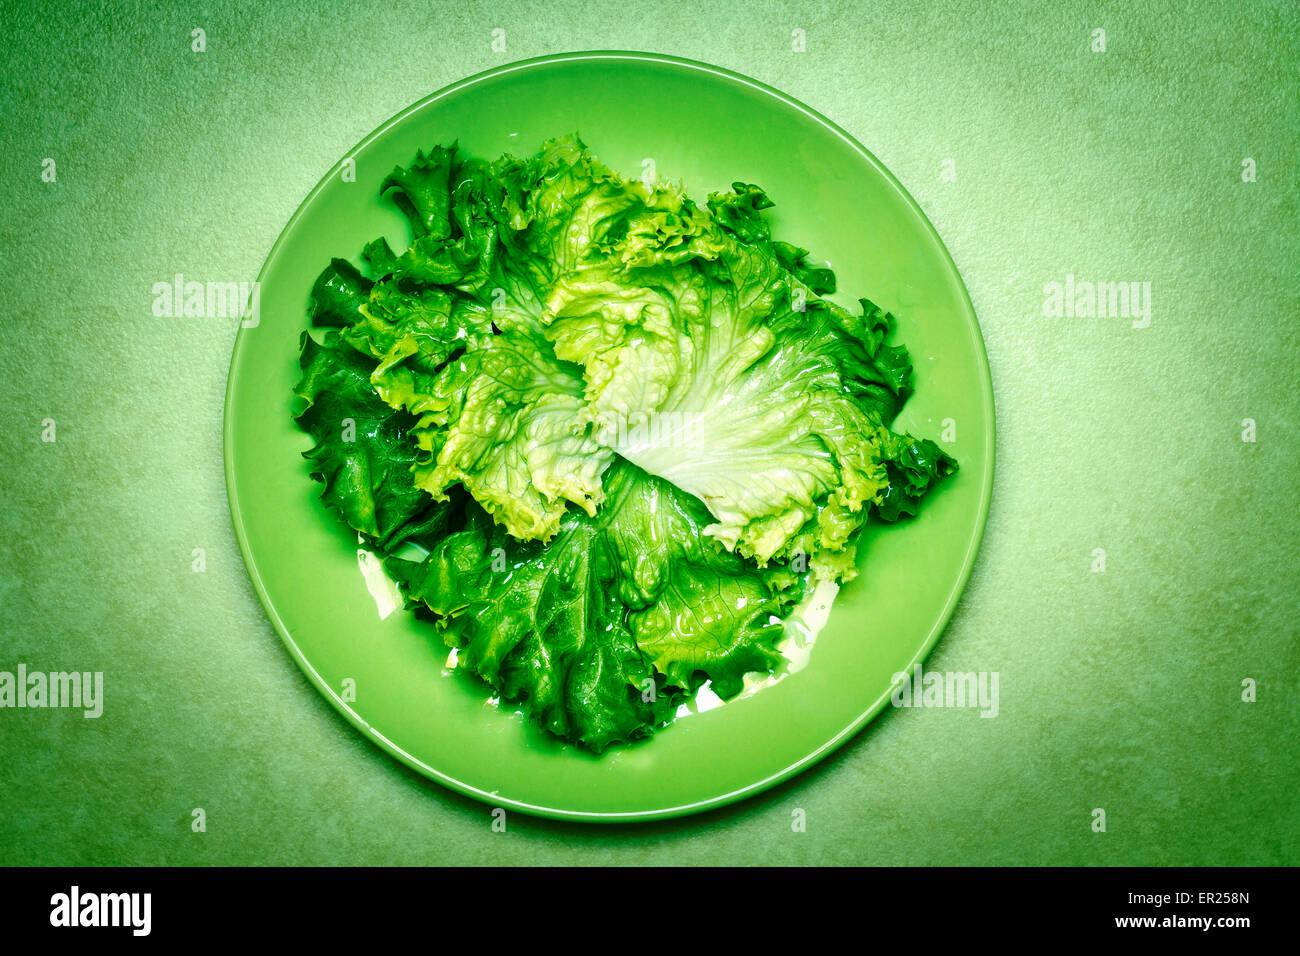 grüne Salatblätter auf Teller grün Stockbild